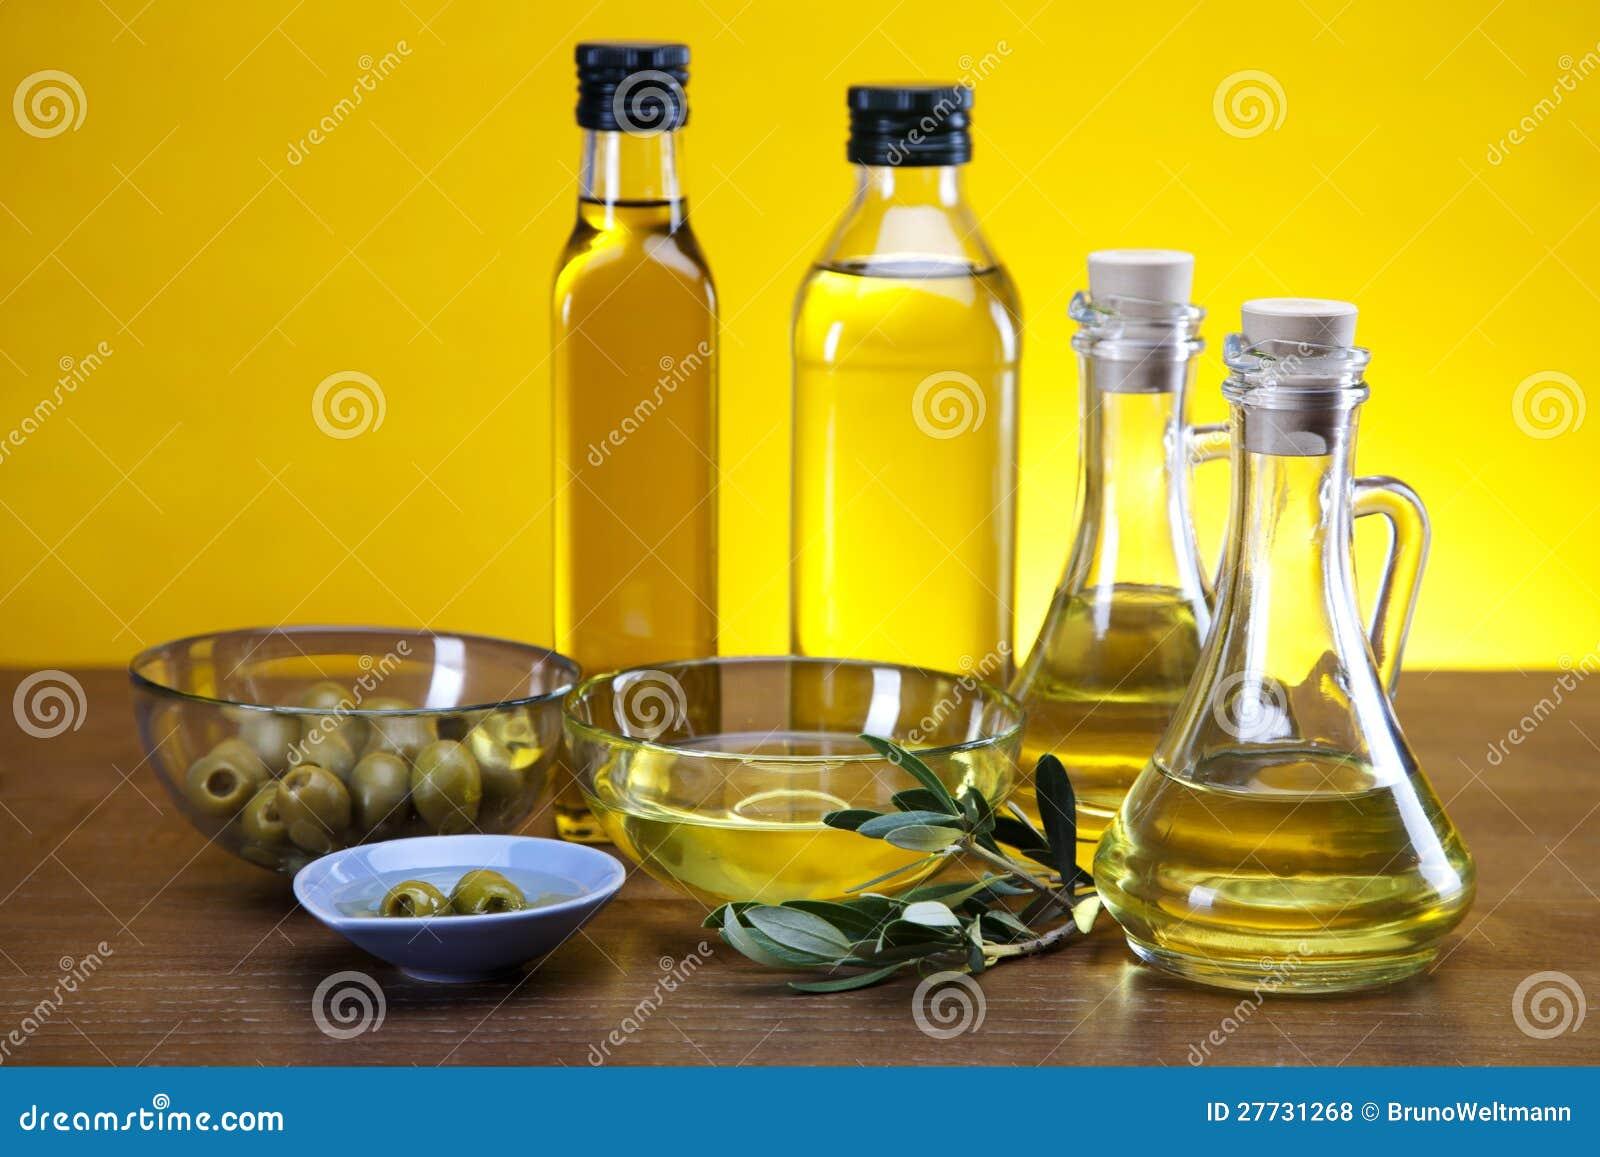 Olivenöl, Olivenbaum und Oliven